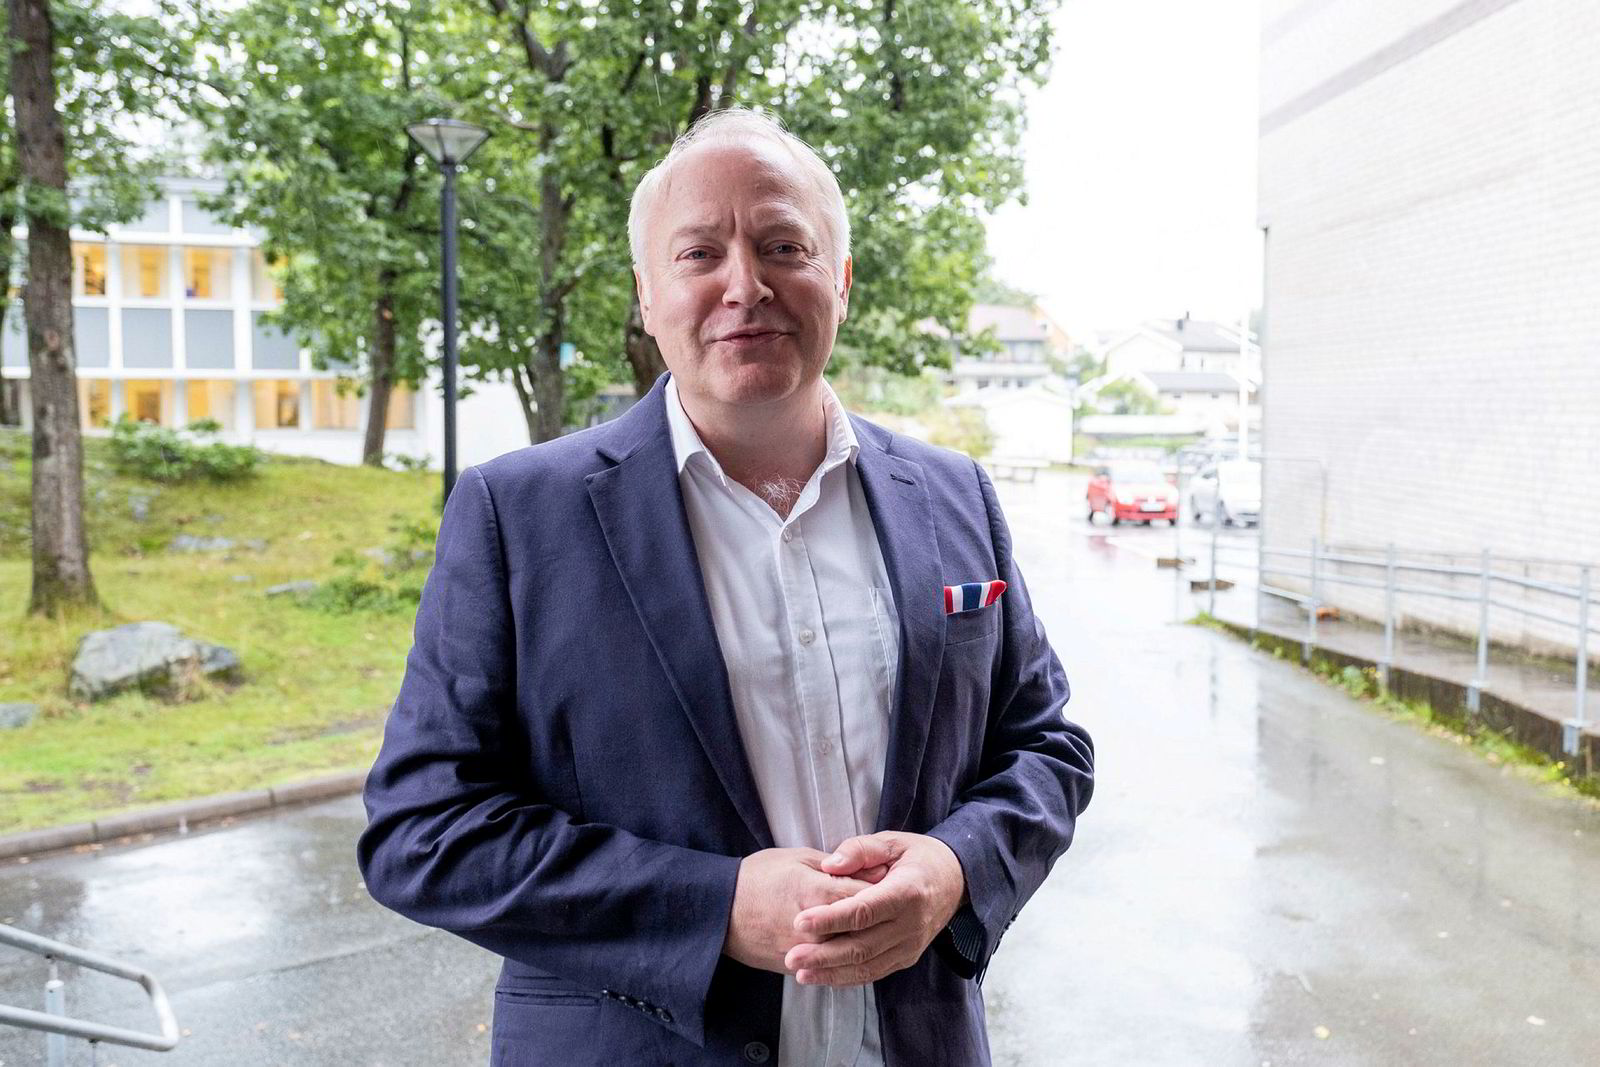 Vidar Kleppe og Demokratene fikk 10 av de 71 representantene i det nye bystyret i Kristiansand og havnet dermed på vippen.